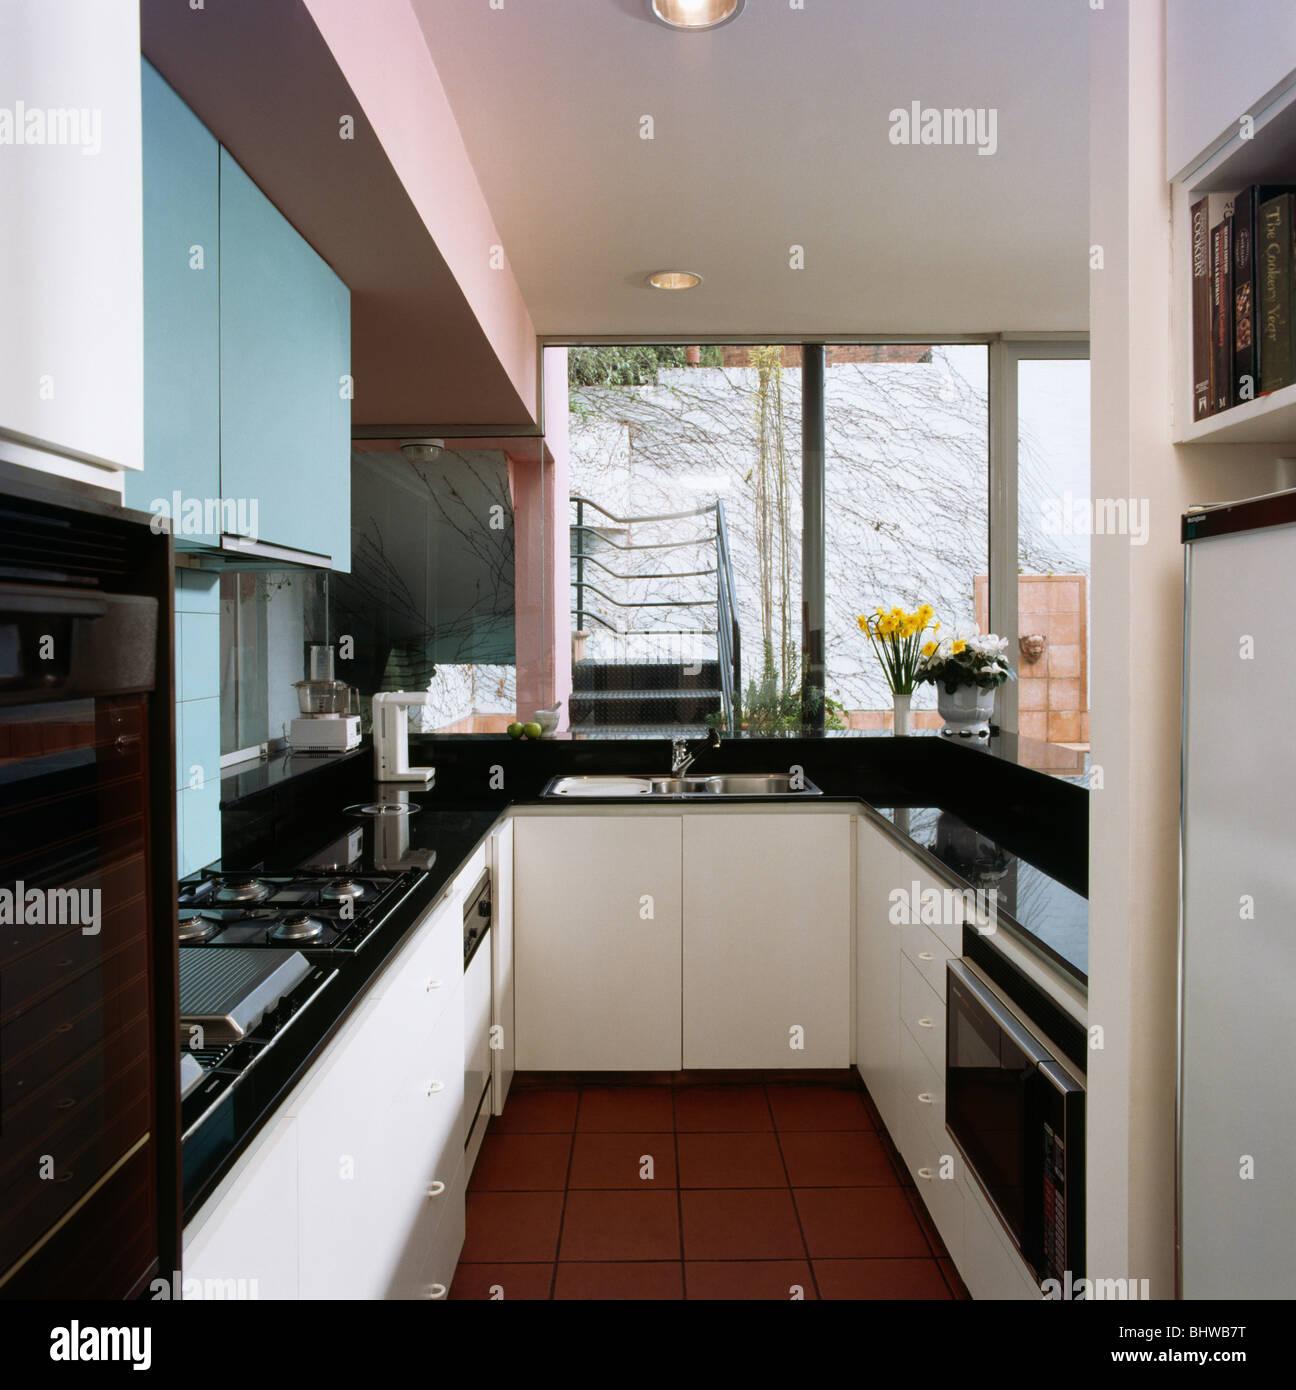 Bancadas De Preto Na Cozinha Moderna Com Cor Azul E Branco Montado